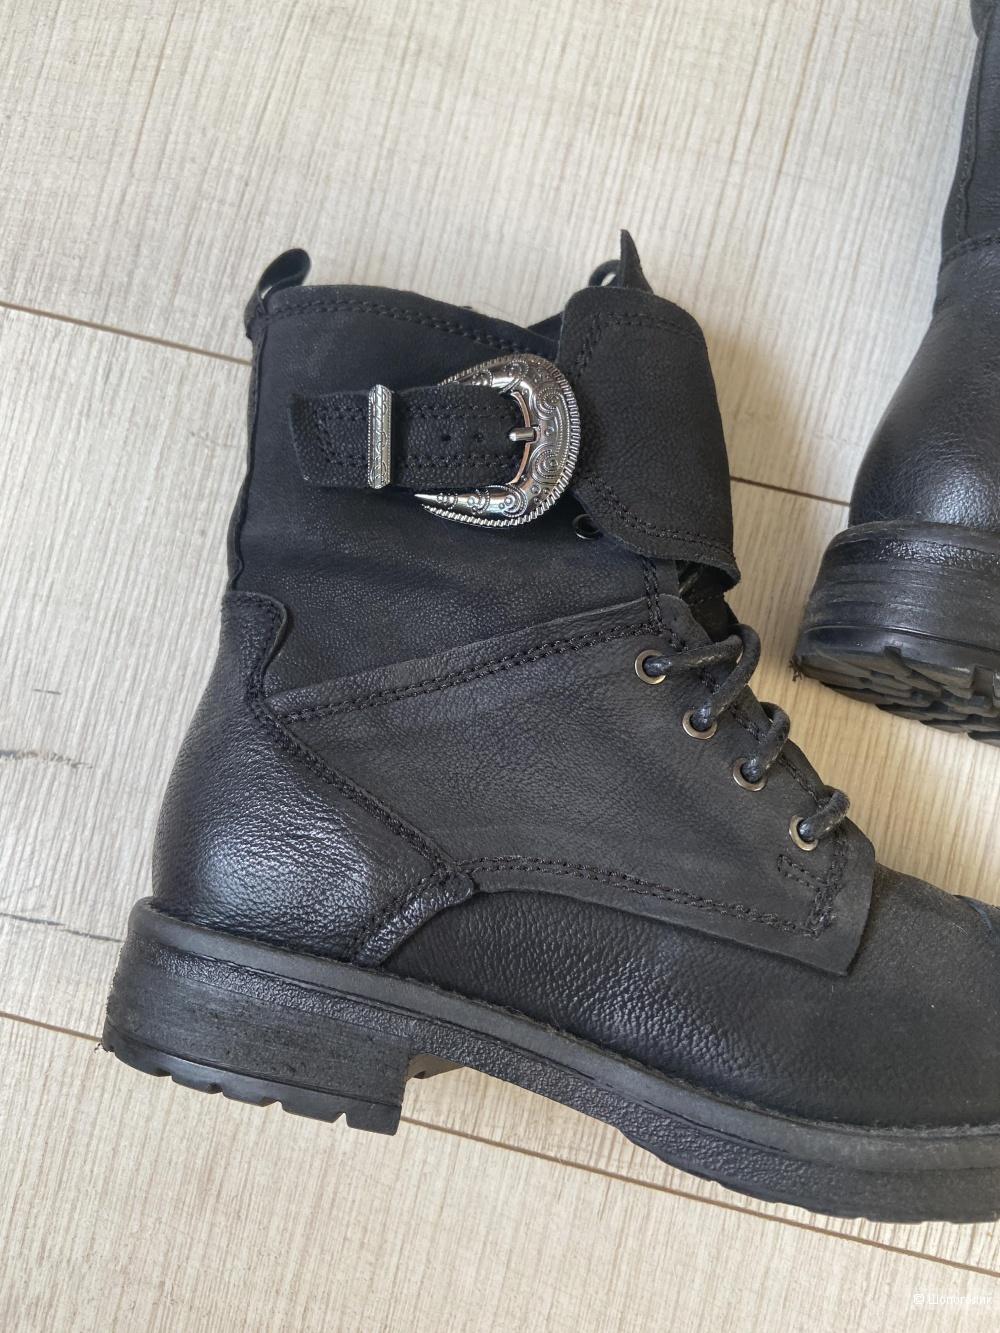 Ботинки Inuovo, размер 37 - 38